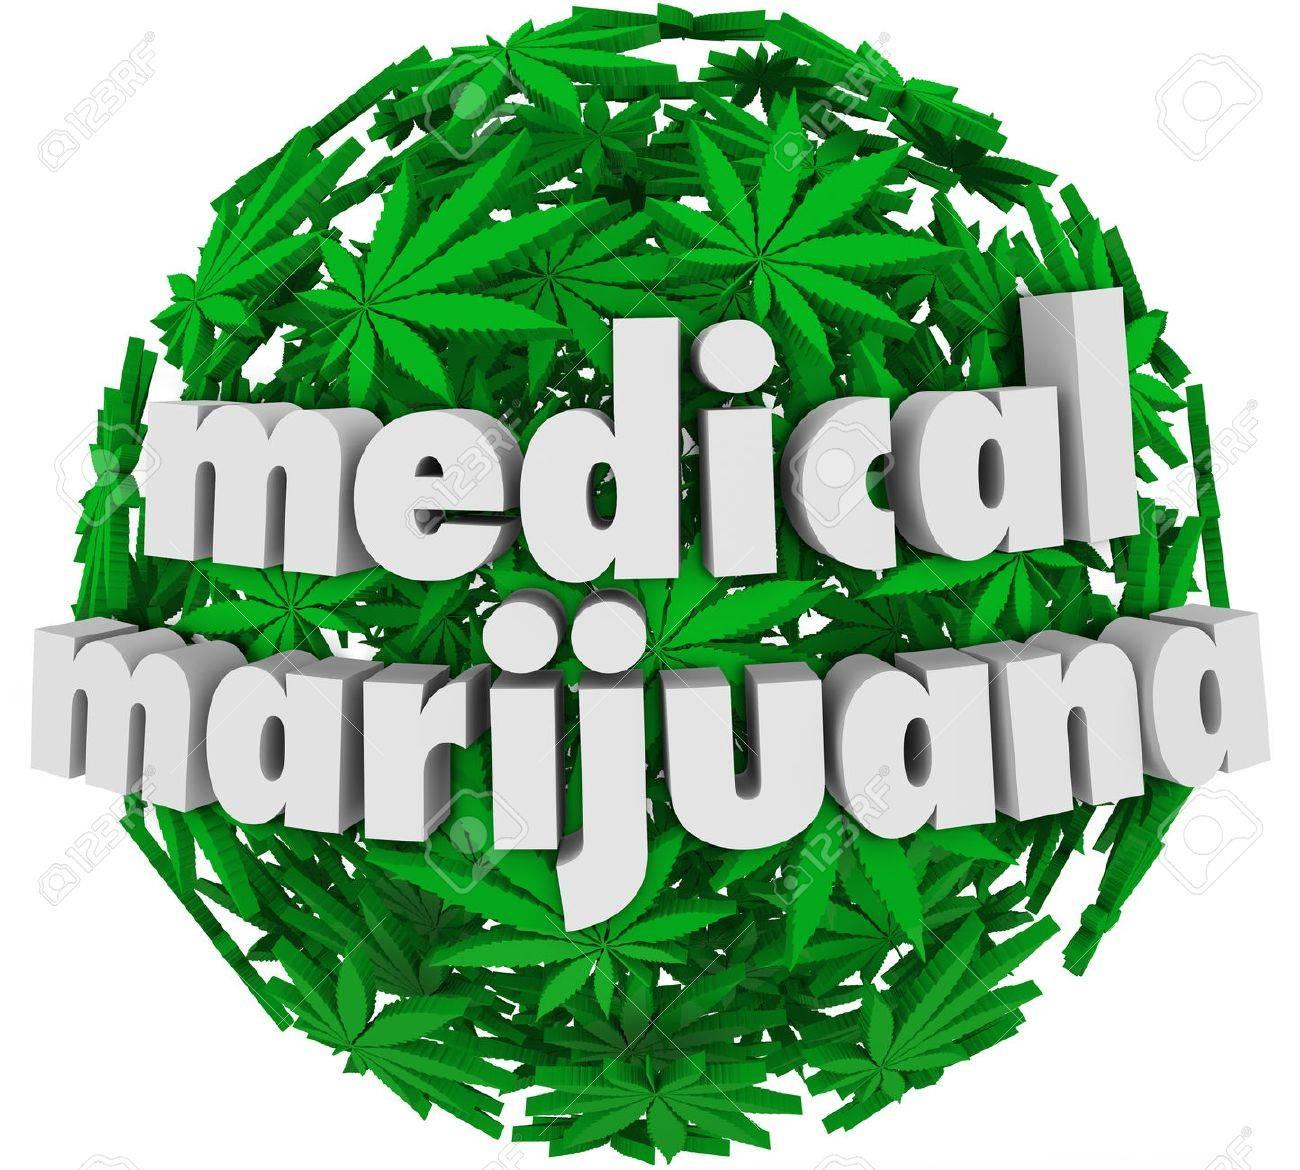 Die Worte Medical Marijuana Auf Einer Kugel Der Grünen Topf Verlässt